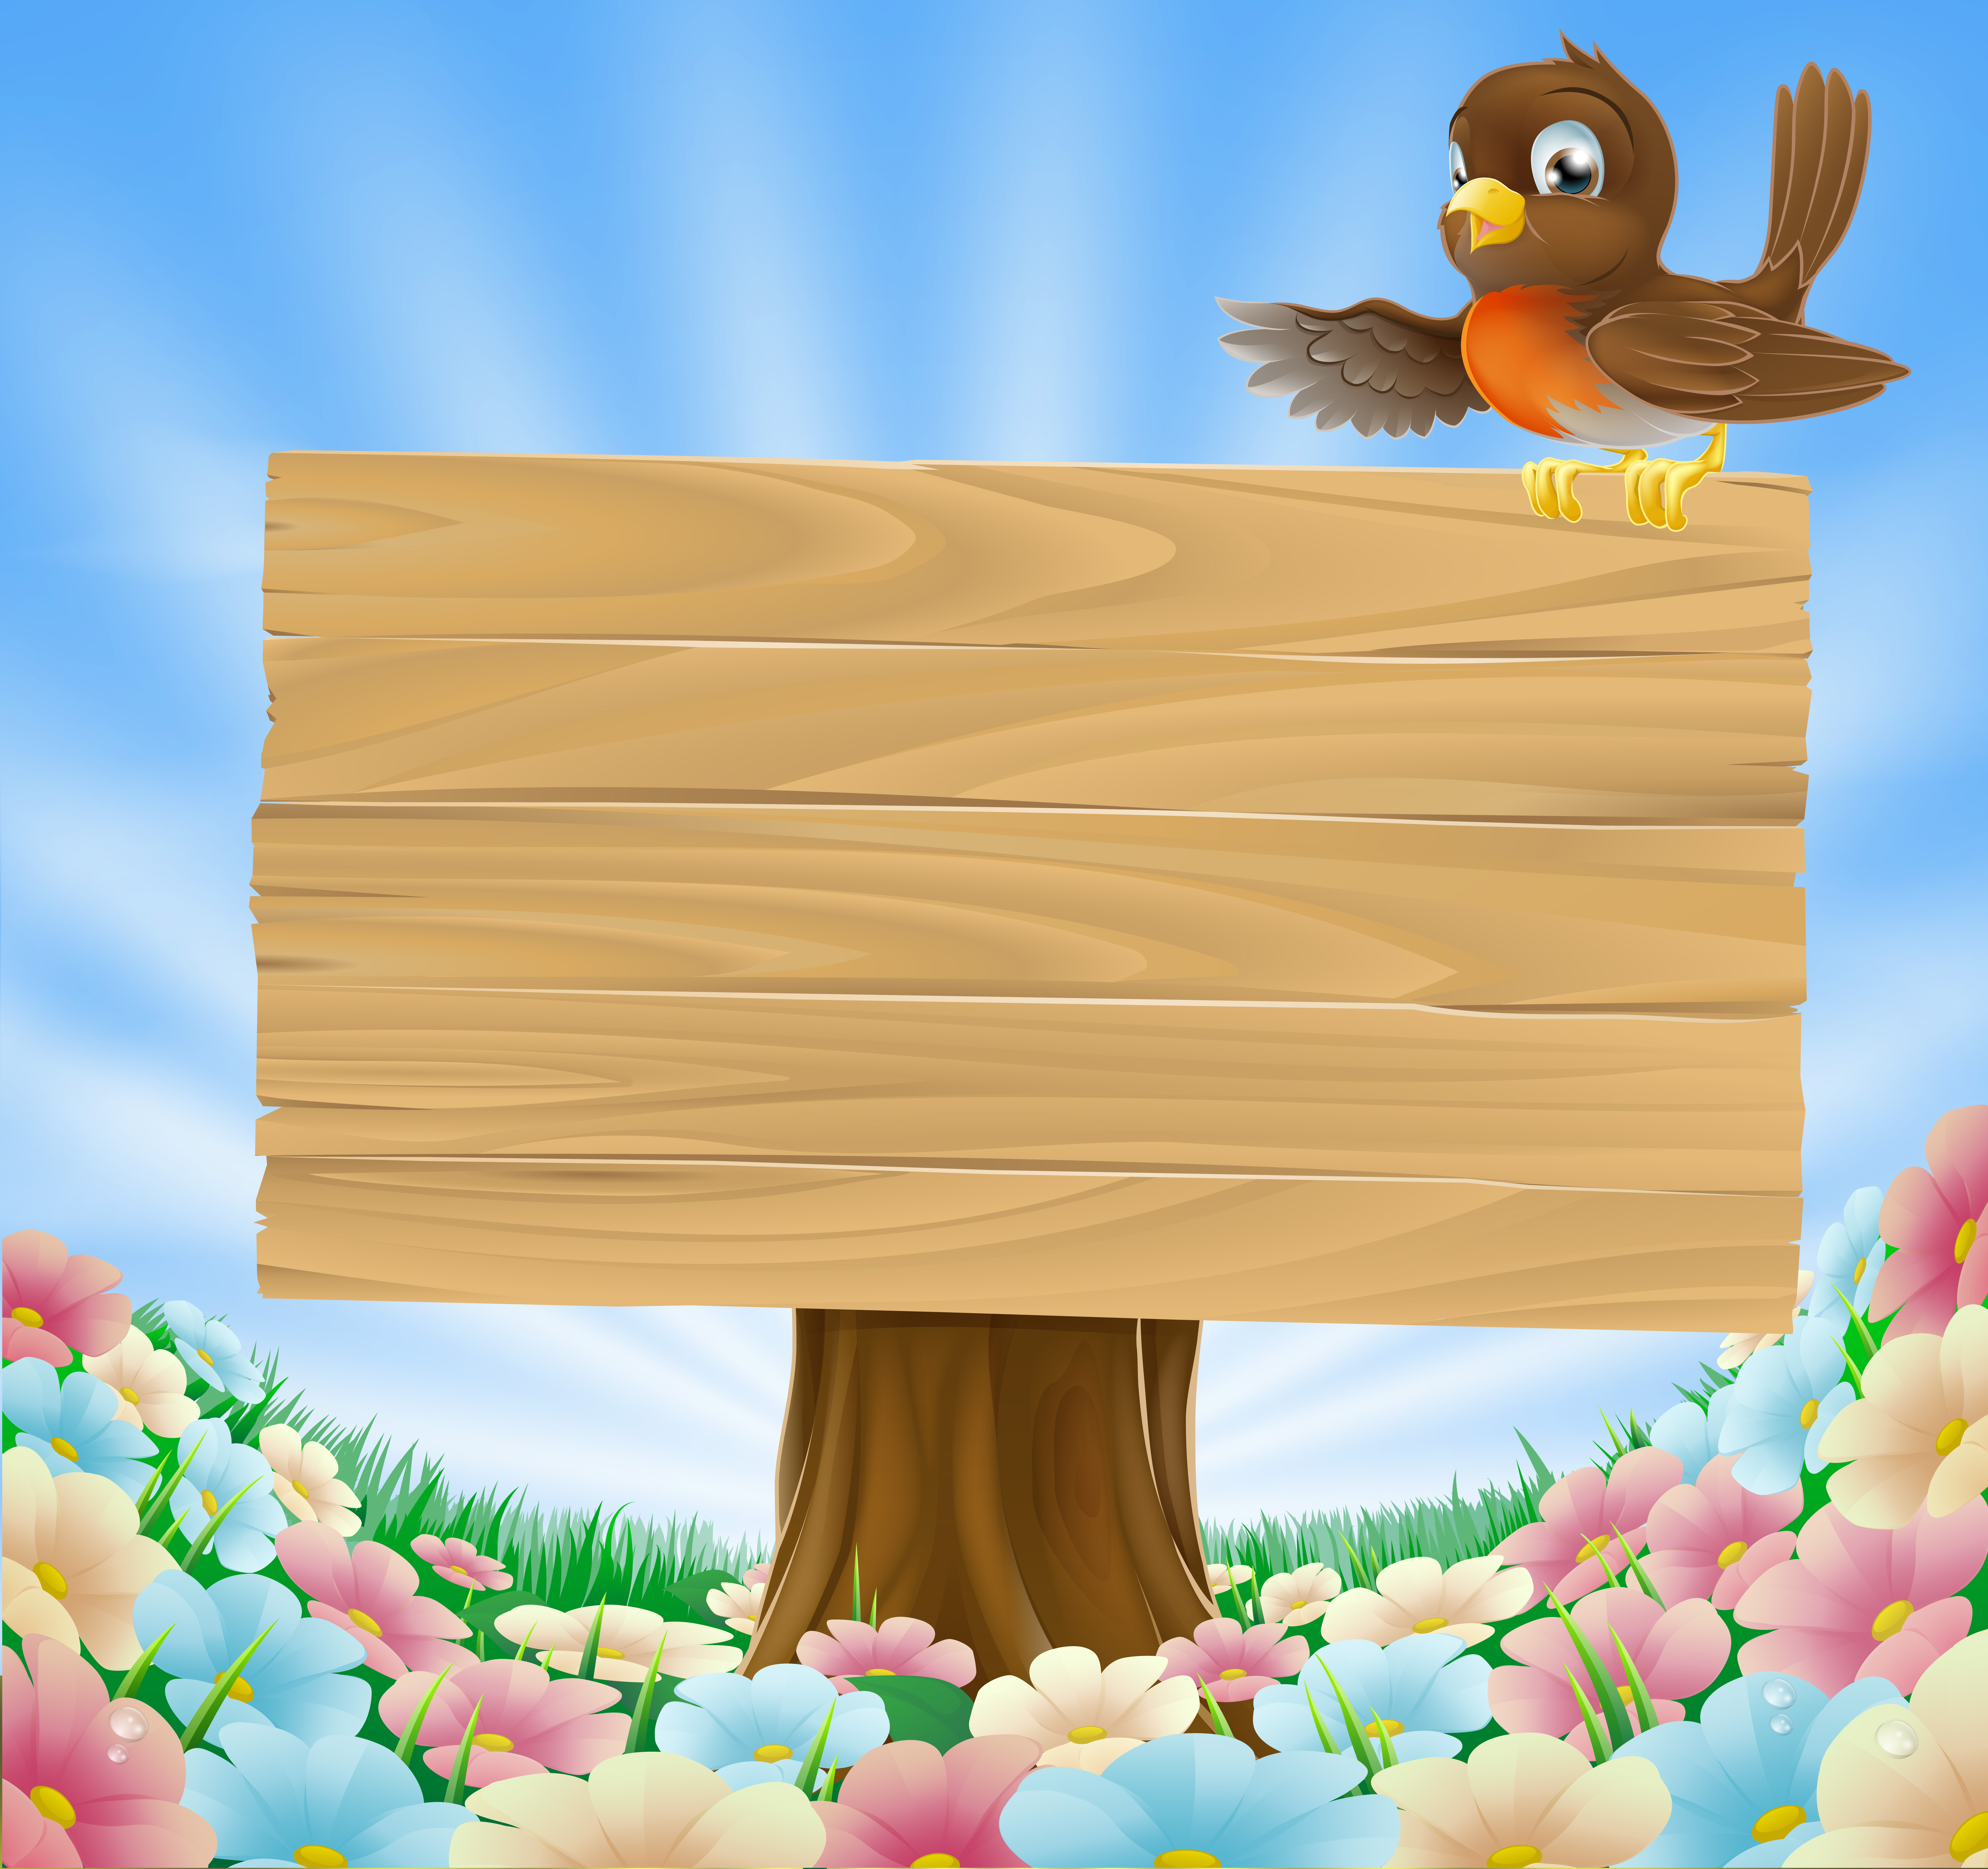 Де�евянн�е �абли�ки в ��аве Век�о�н�й клипа�� wooden